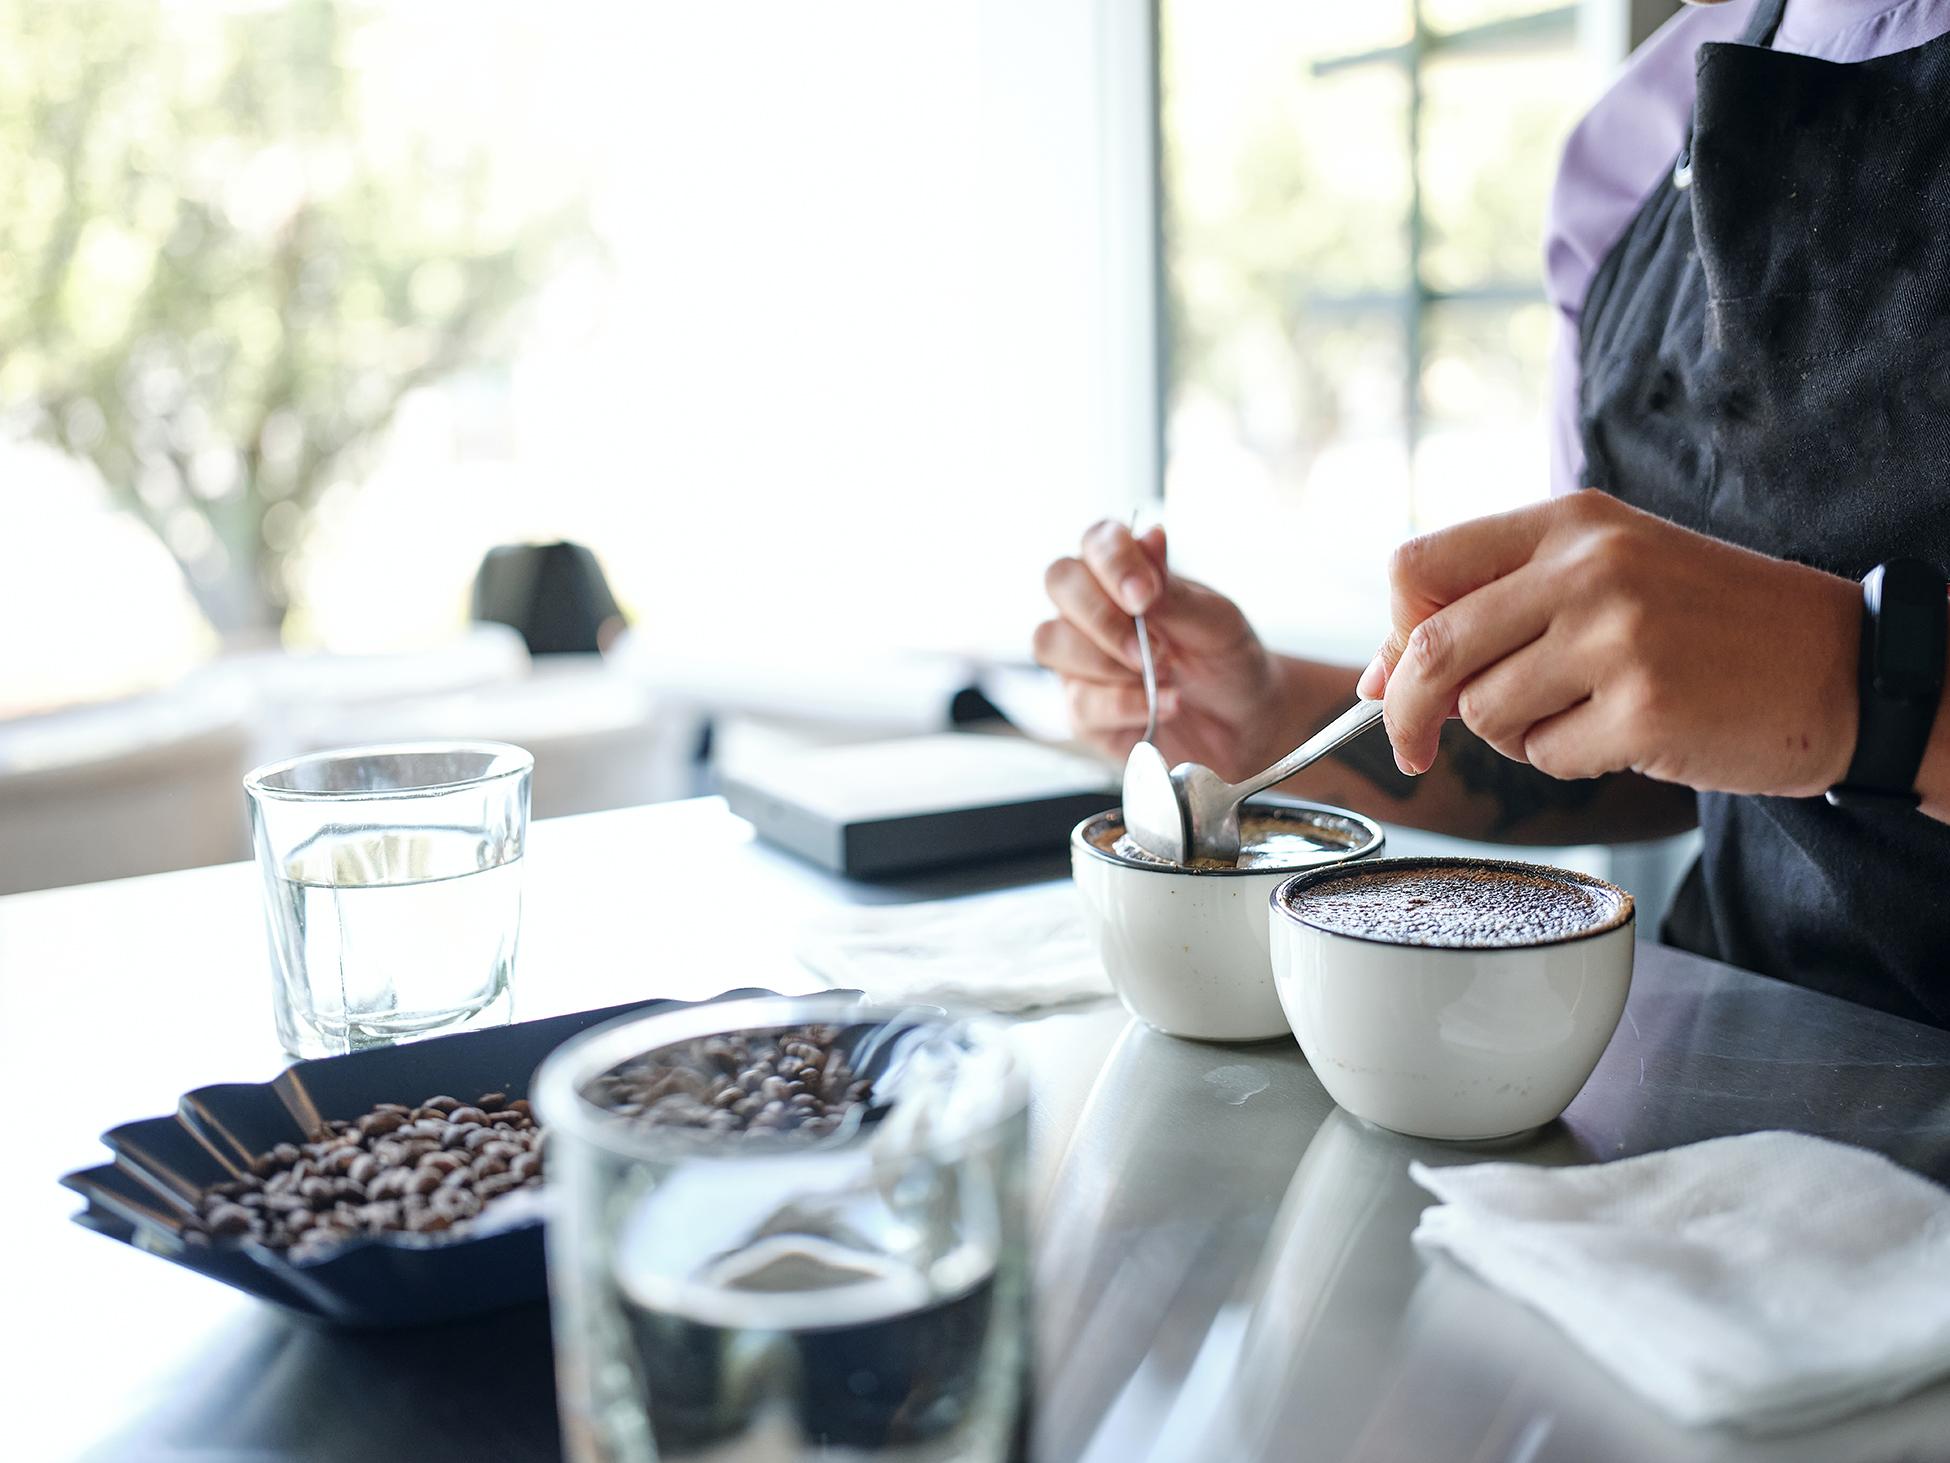 Nahaufnahme der Hände mit zwei Löffeln beim Schröpfen von Kaffee